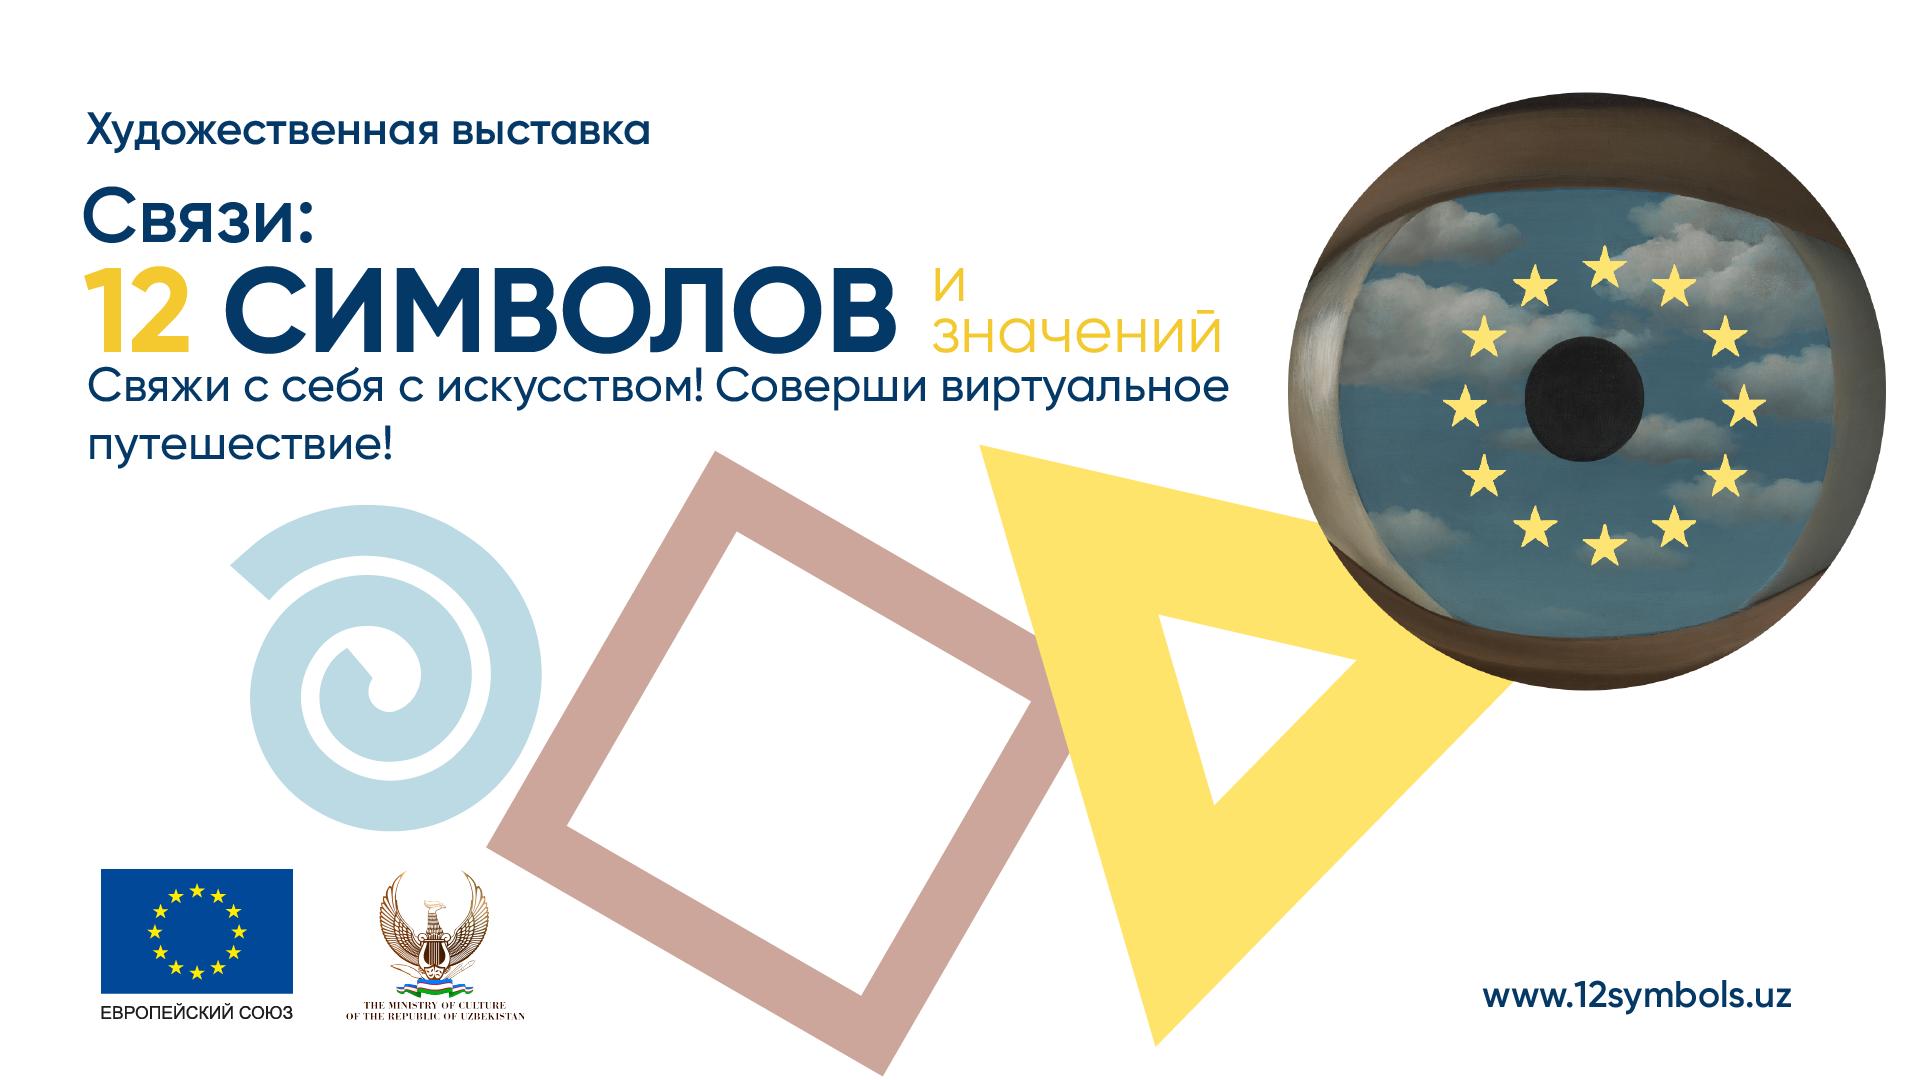 Европейские шедевры и искусство Узбекистана впервые представлены на виртуальной выставке